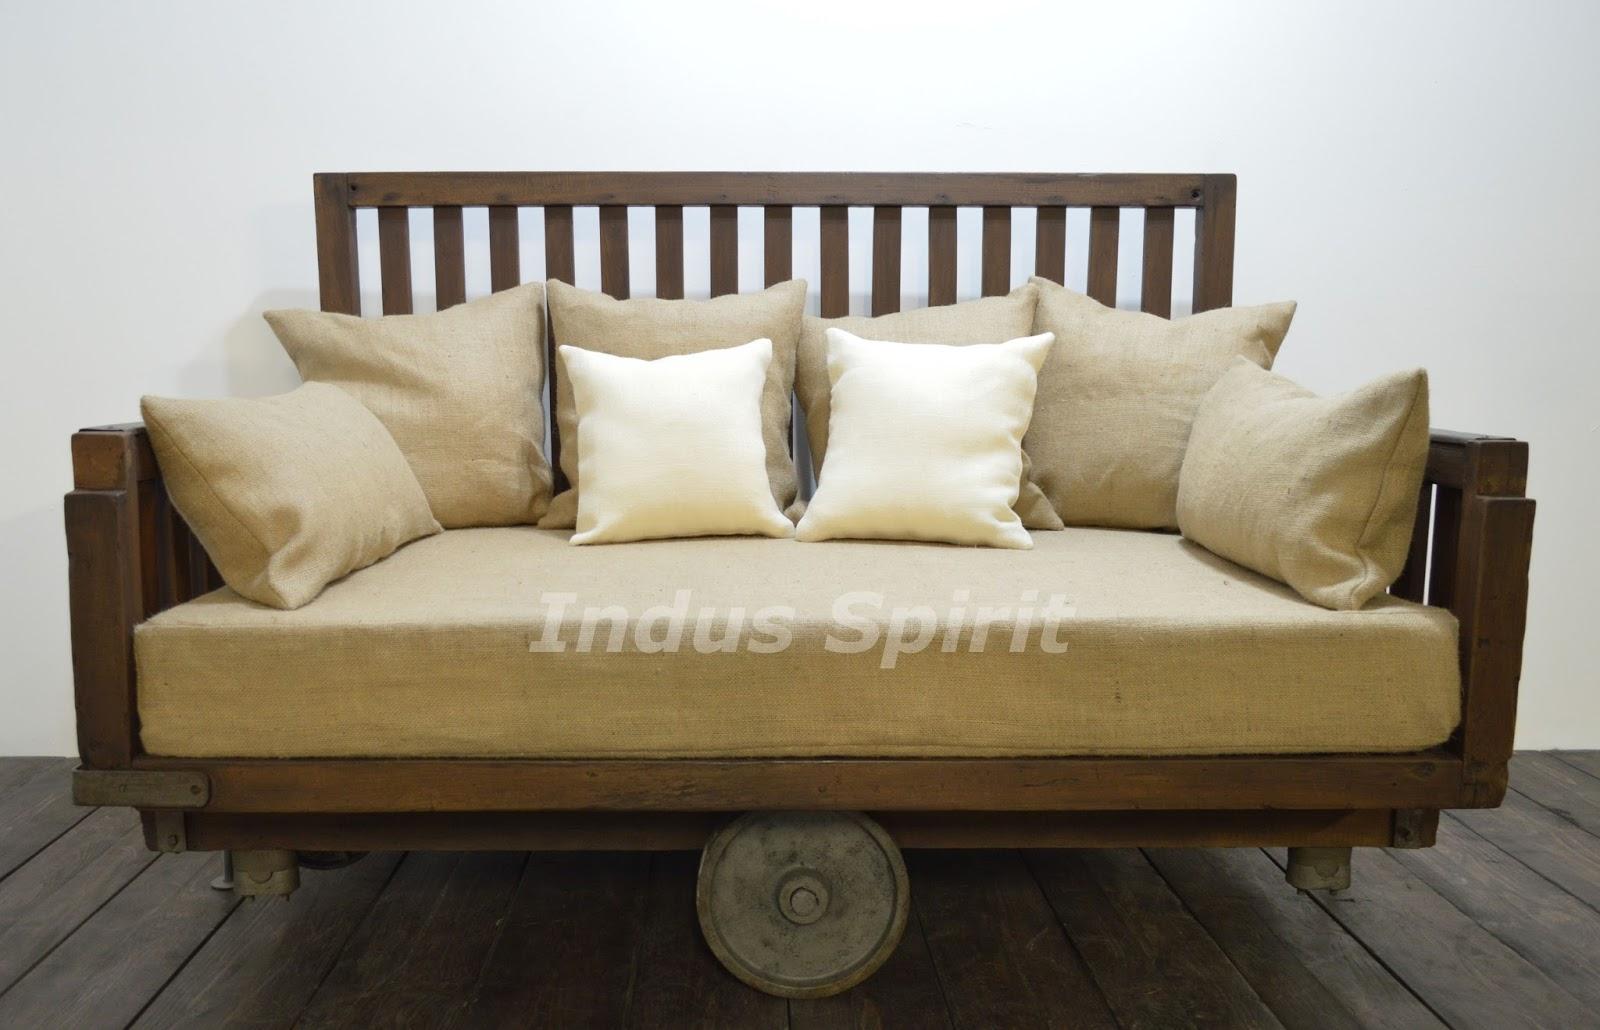 Canap design industriel - Decoration style industriel ...